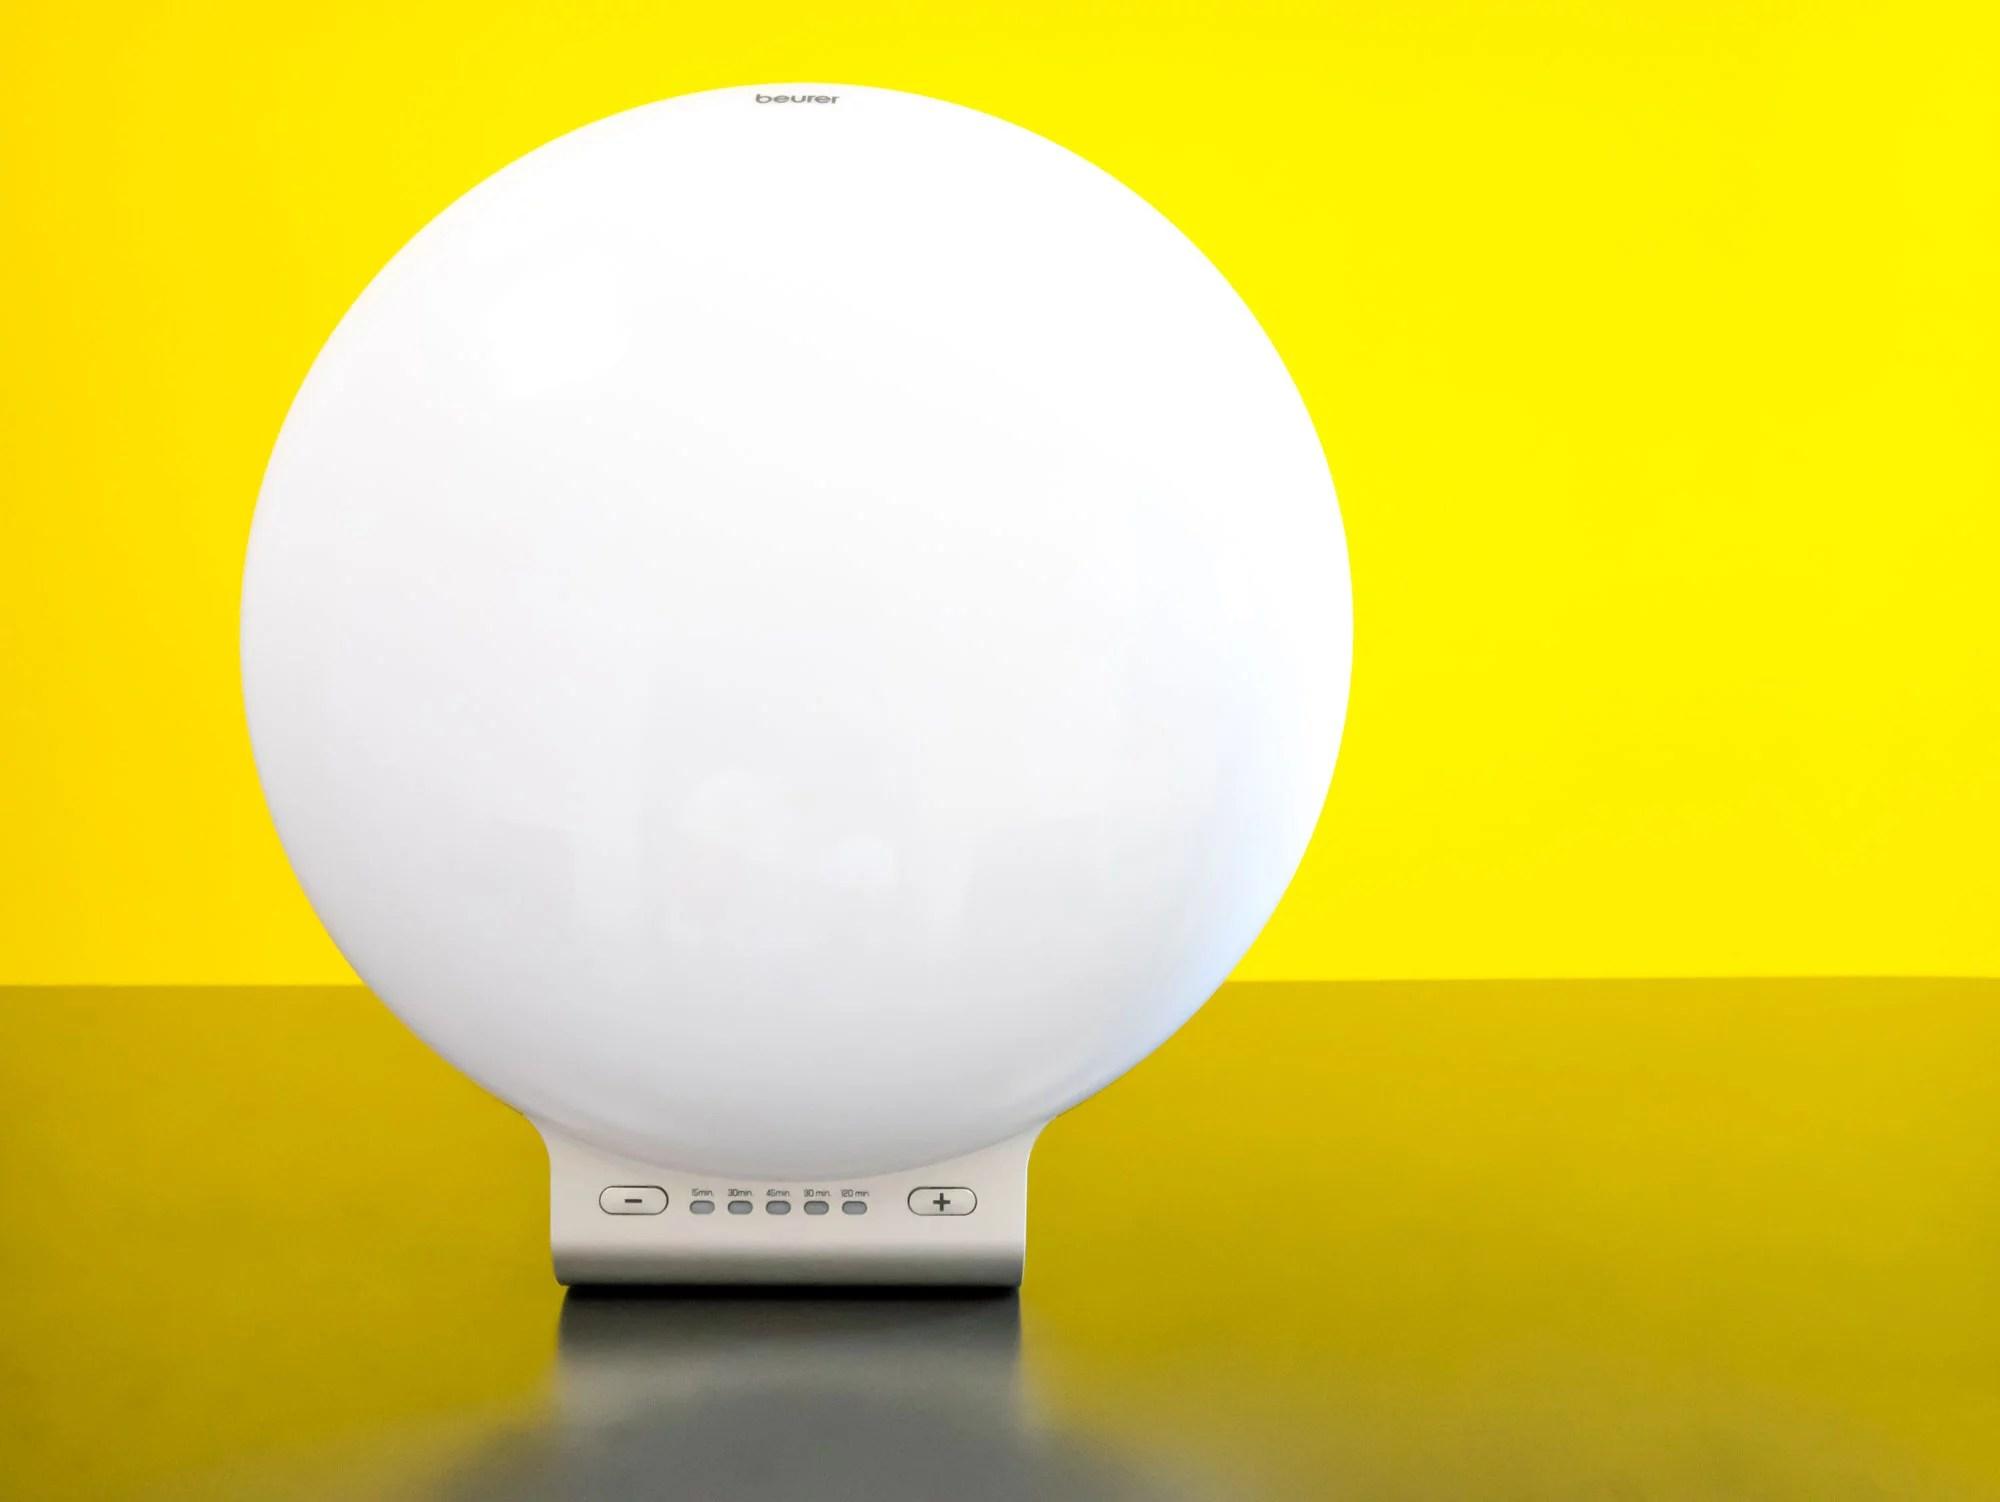 Sur La Marque Beurer Avis Lampe Life LuminothérapieMon De Get A 4Rq5cAjL3